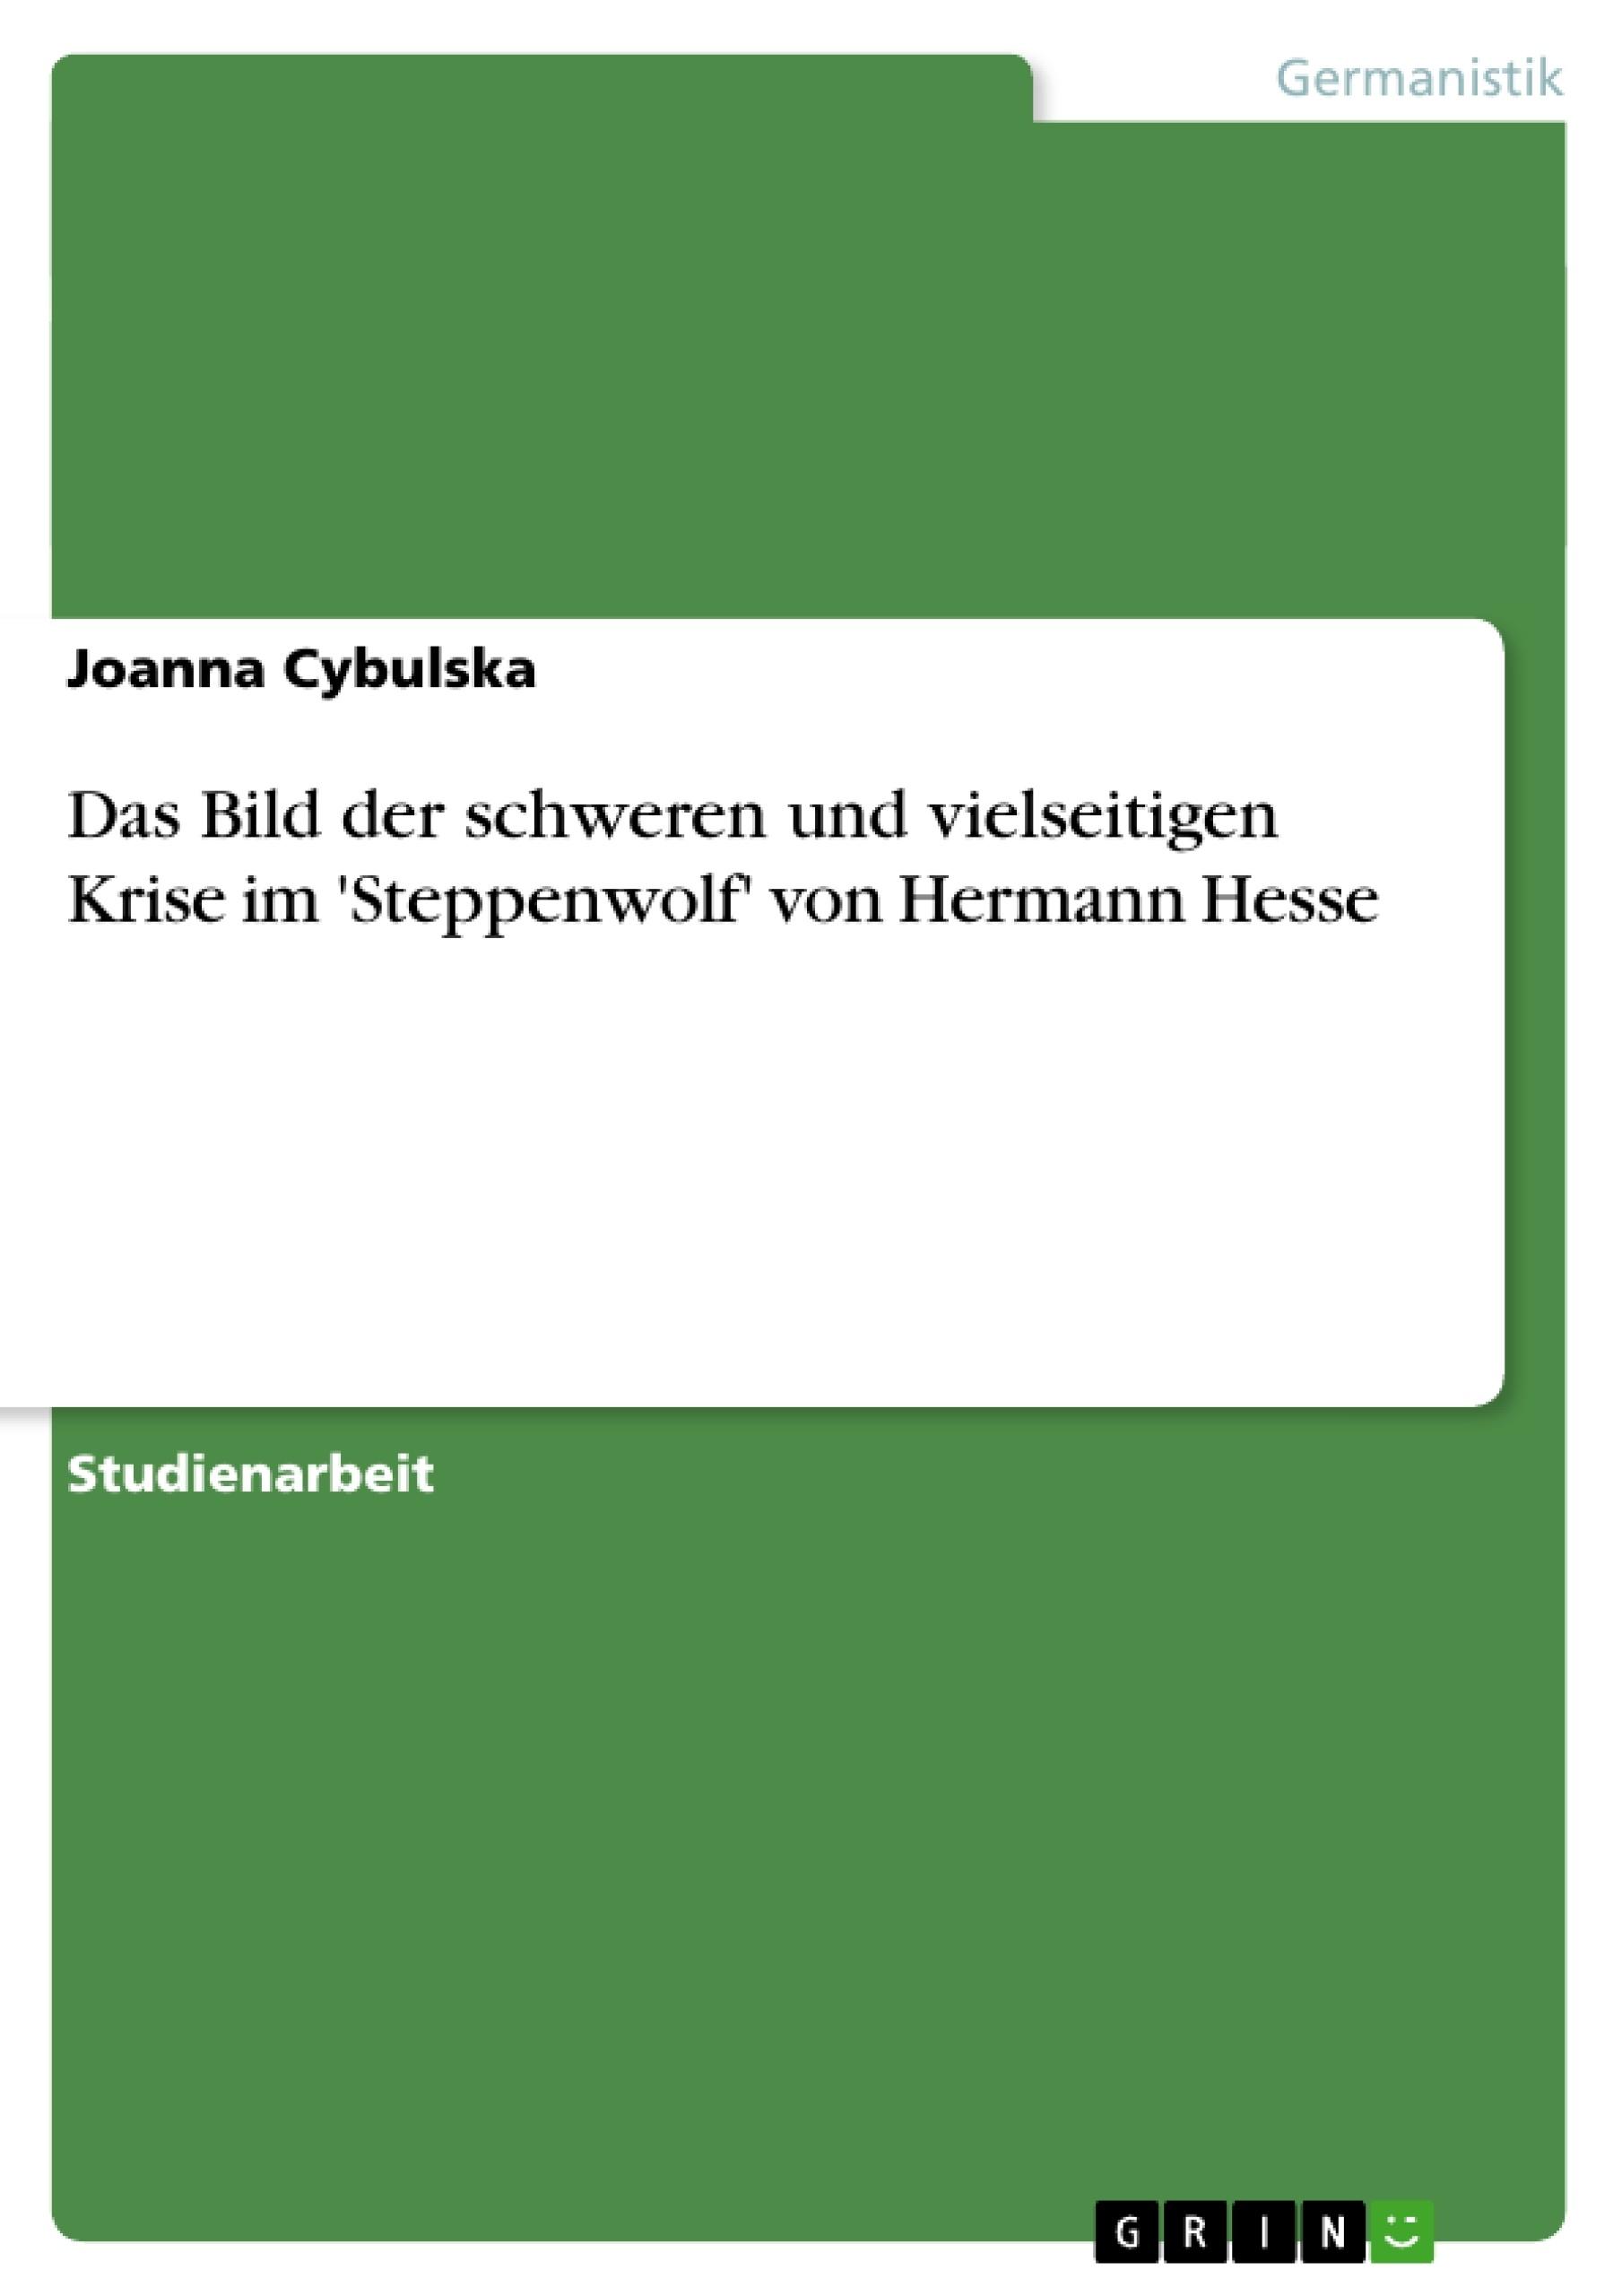 Titel: Das Bild der schweren und vielseitigen Krise im 'Steppenwolf' von Hermann Hesse